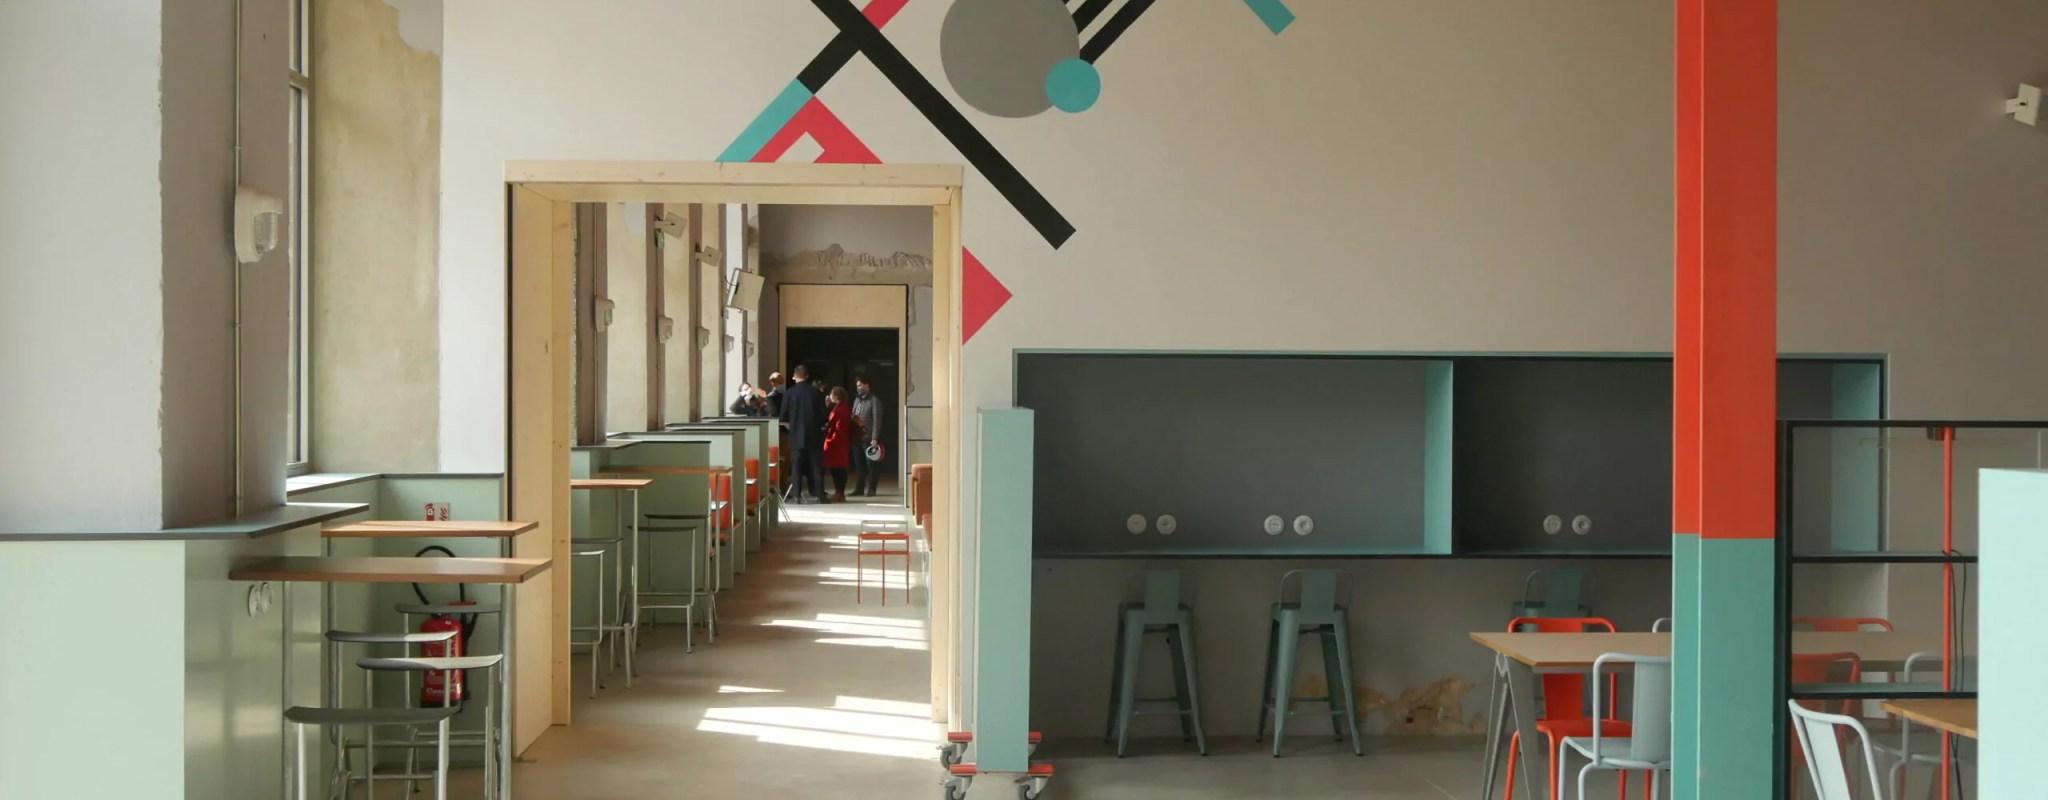 Auberge de jeunesse, écoles, startups et restaurants… Premières photos de la Manufacture en chantier